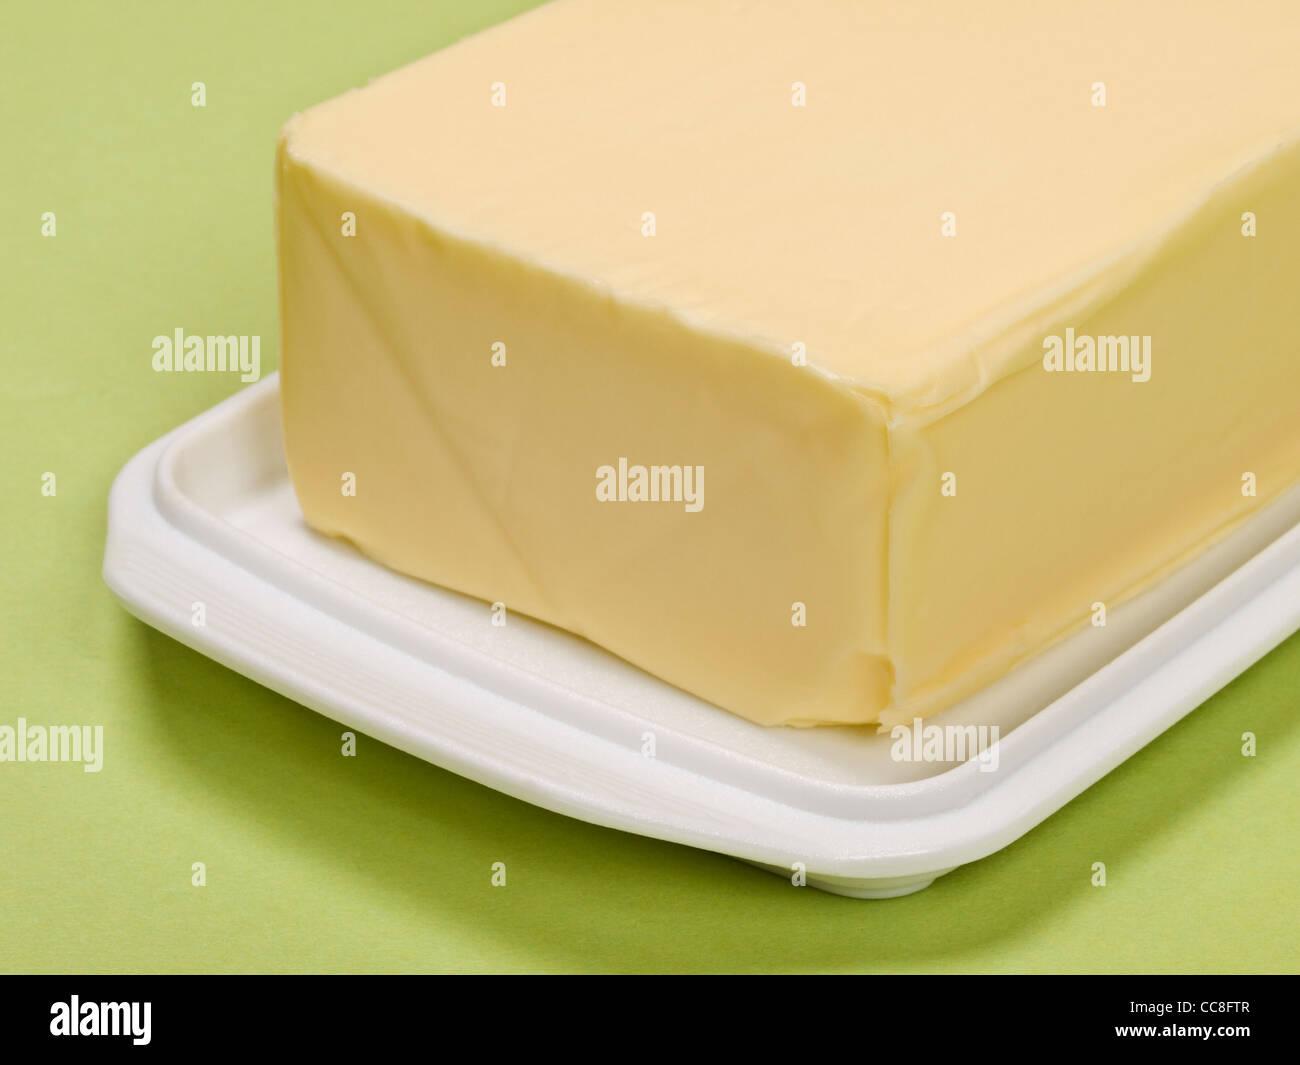 Detailansicht von einem Stück Butter | Detail photo of a piece of butter - Stock Image